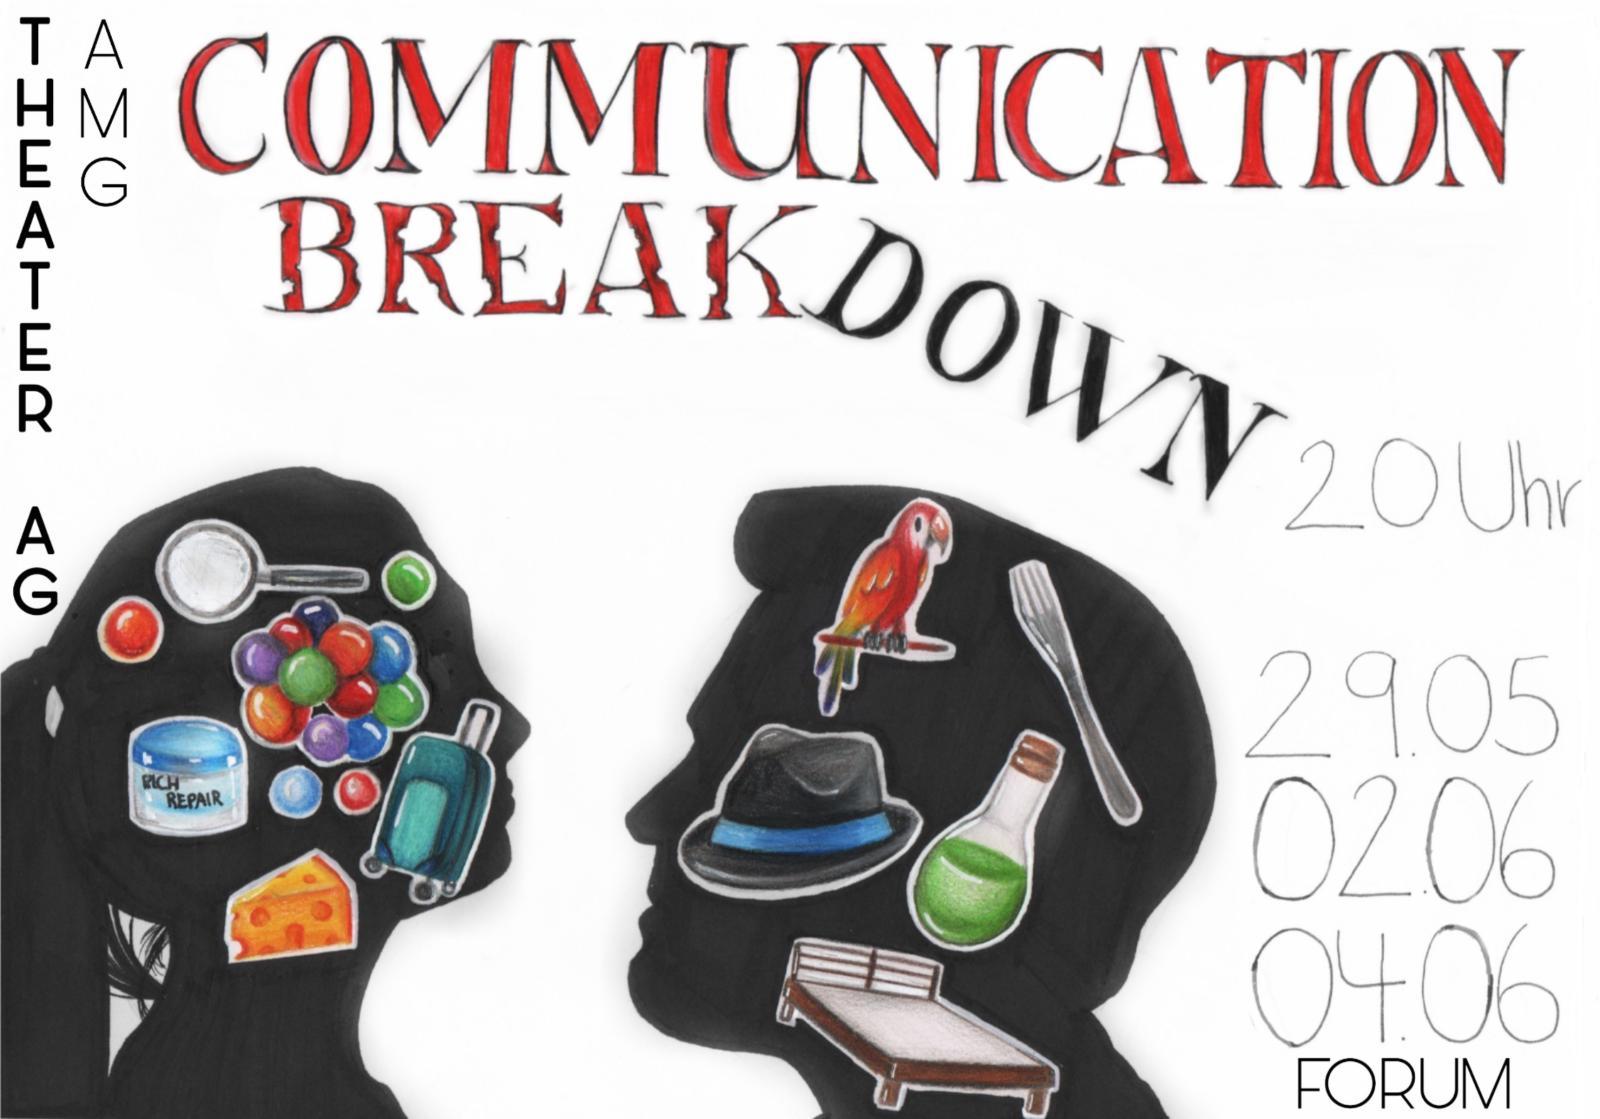 Theater AG: Communication Breakdown